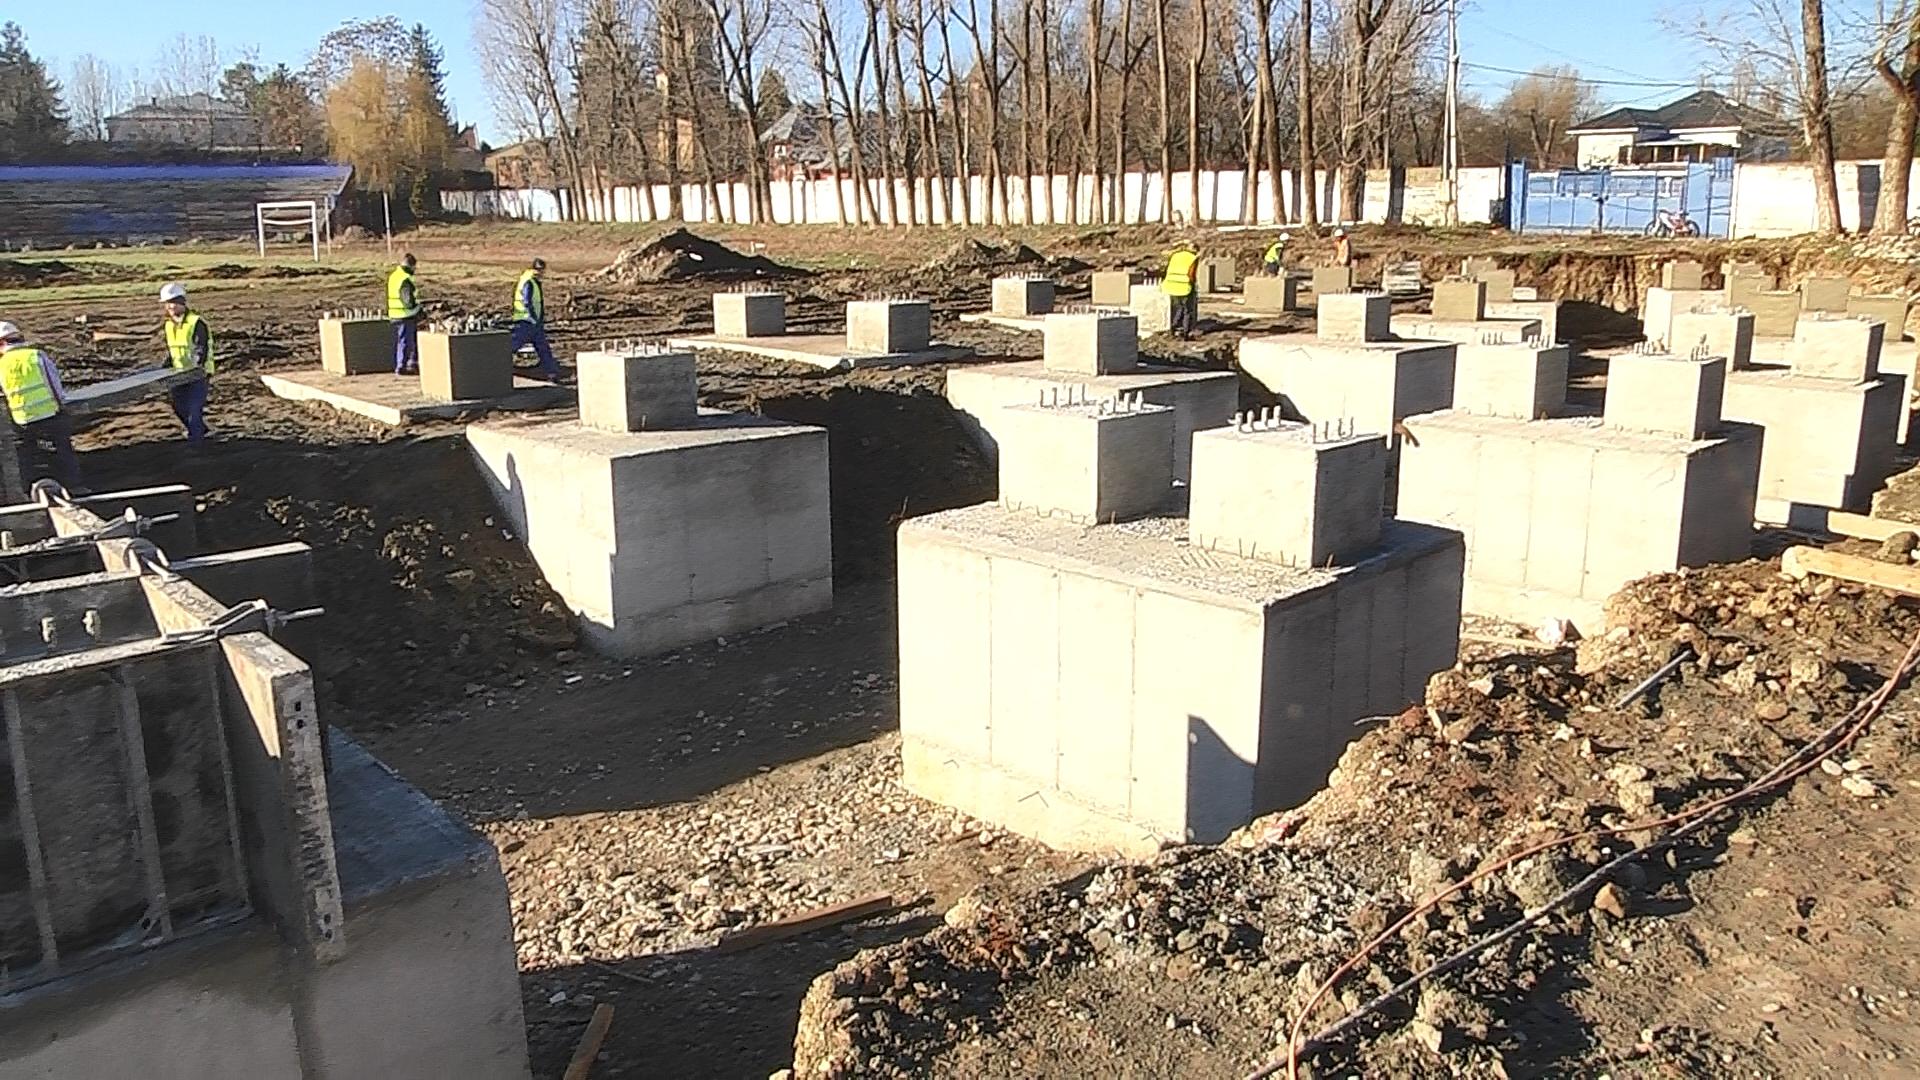 Săptămâna viitoare vor reîncepe lucrările de modernizare și reabilitare la  Stadionul Municipal Eugen Popescu